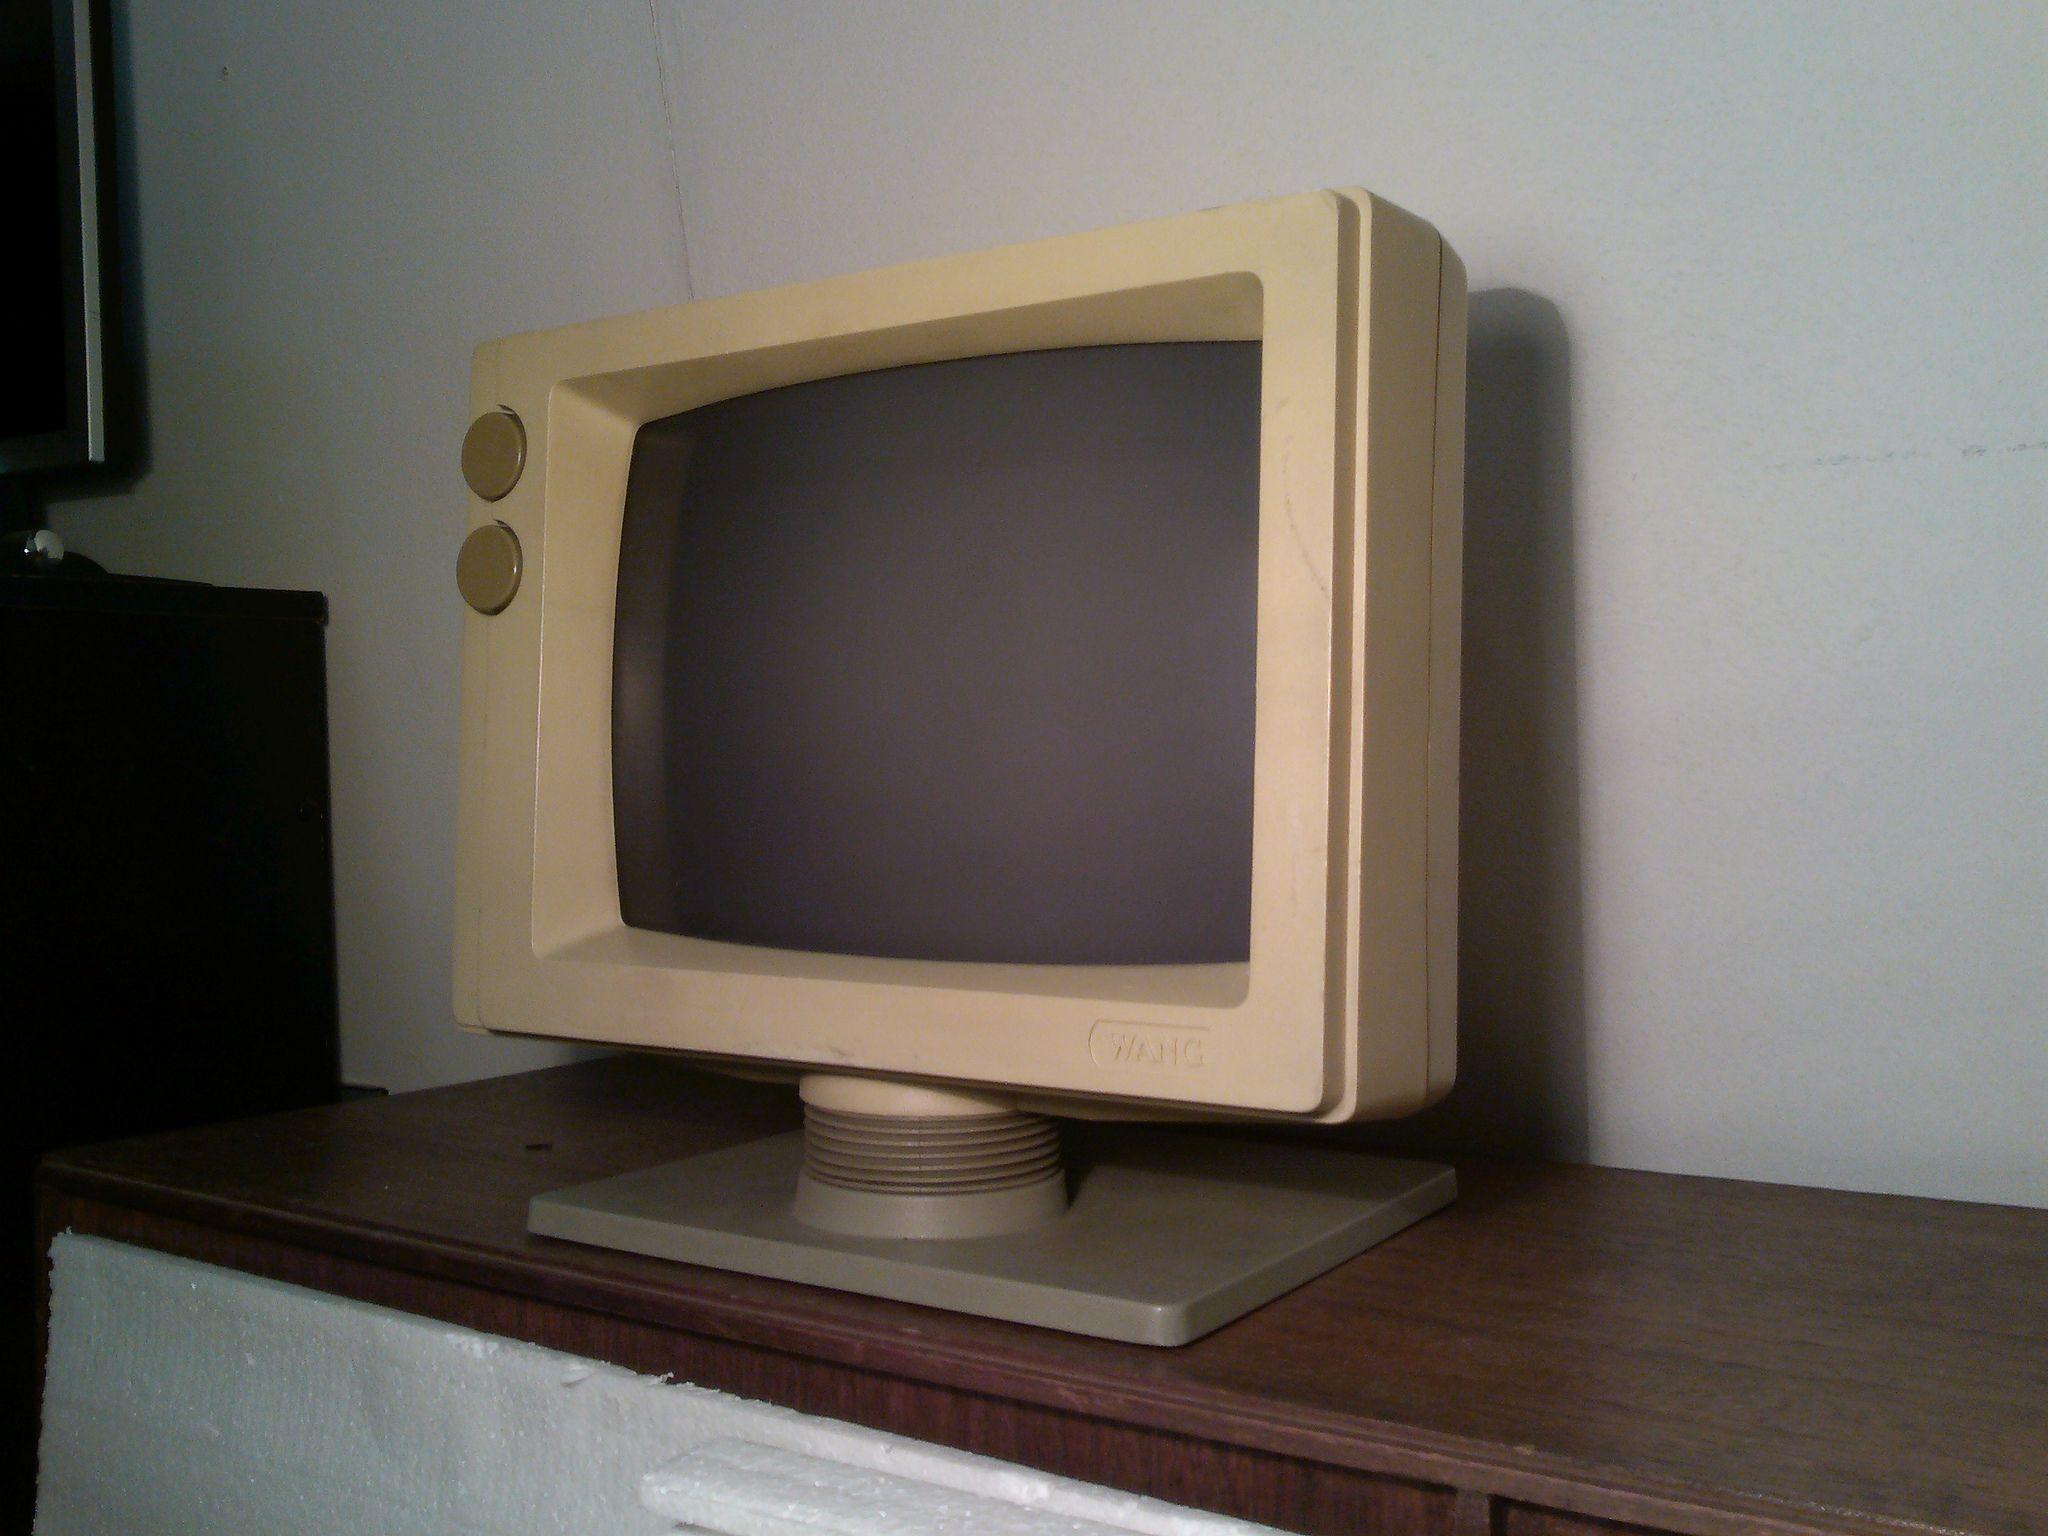 Wang Monitor Box Tv Monitor